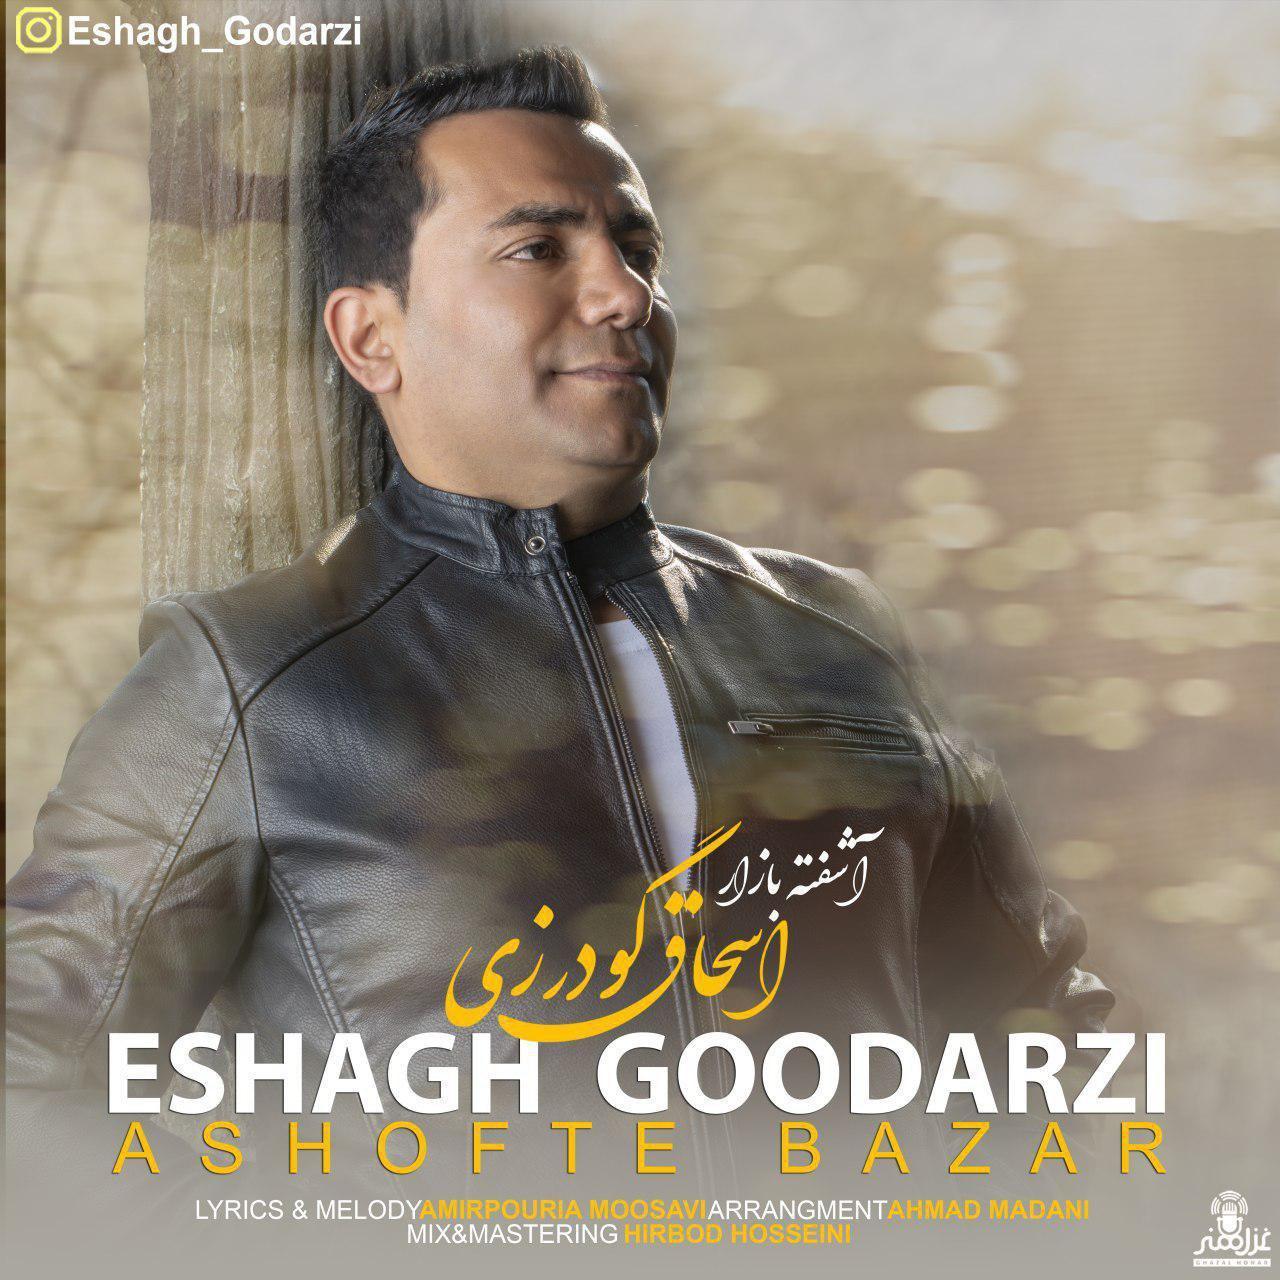 Eshagh Goodarzi – Ashofte Bazar